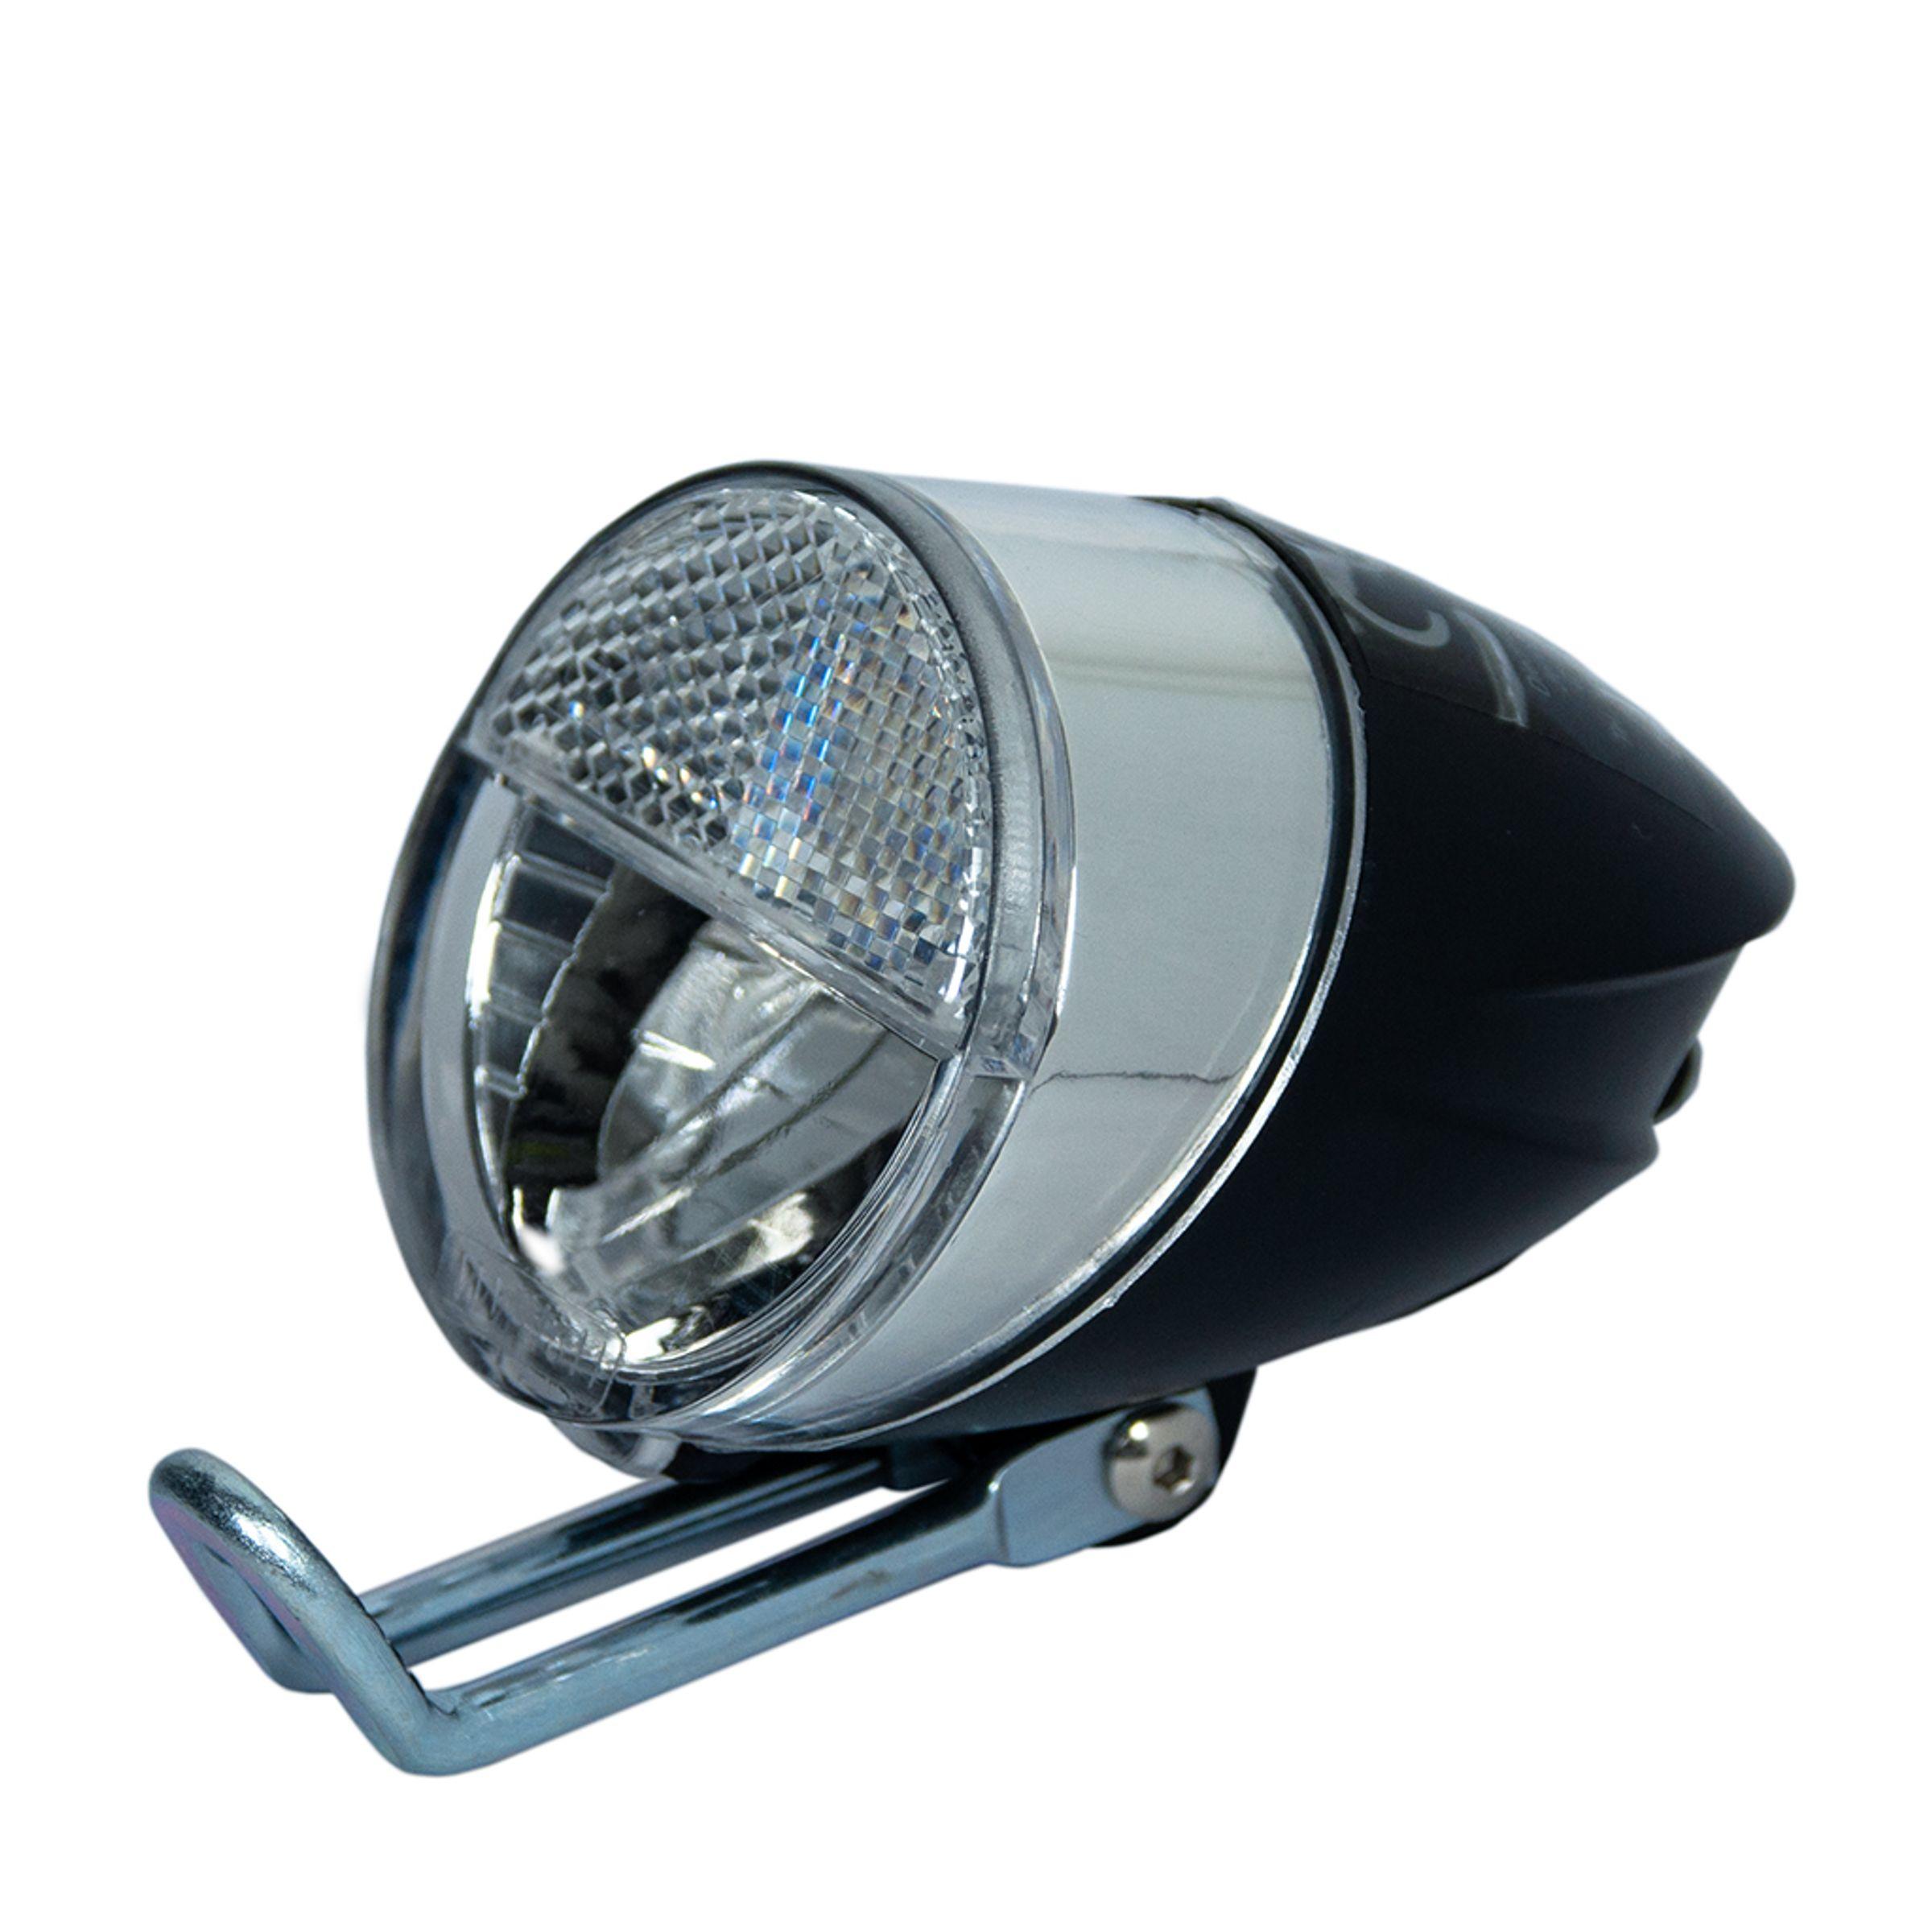 led fahrrad scheinwerfer frontlicht vorderlicht vorne mit. Black Bedroom Furniture Sets. Home Design Ideas